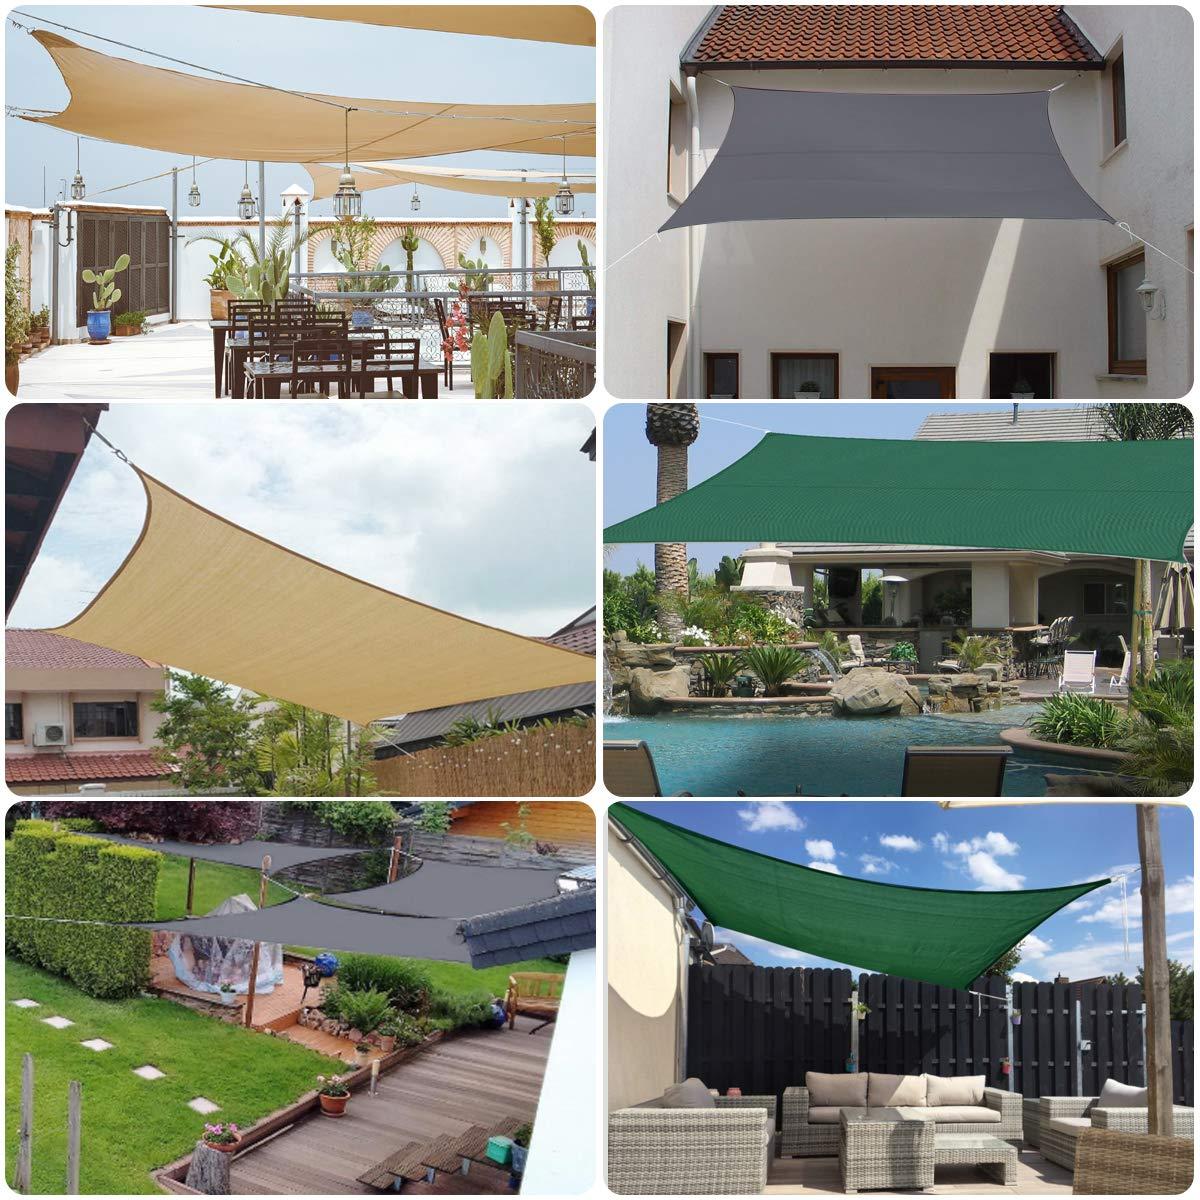 Sekey Toldo Vela de Sombra Rectangular HDPE Protección Rayos UV Resistente Permeable Transpirable para Patio, Exteriores, Jardín, con Cuerda Libre y Kit de Montaje, 3×4m Verde: Amazon.es: Jardín